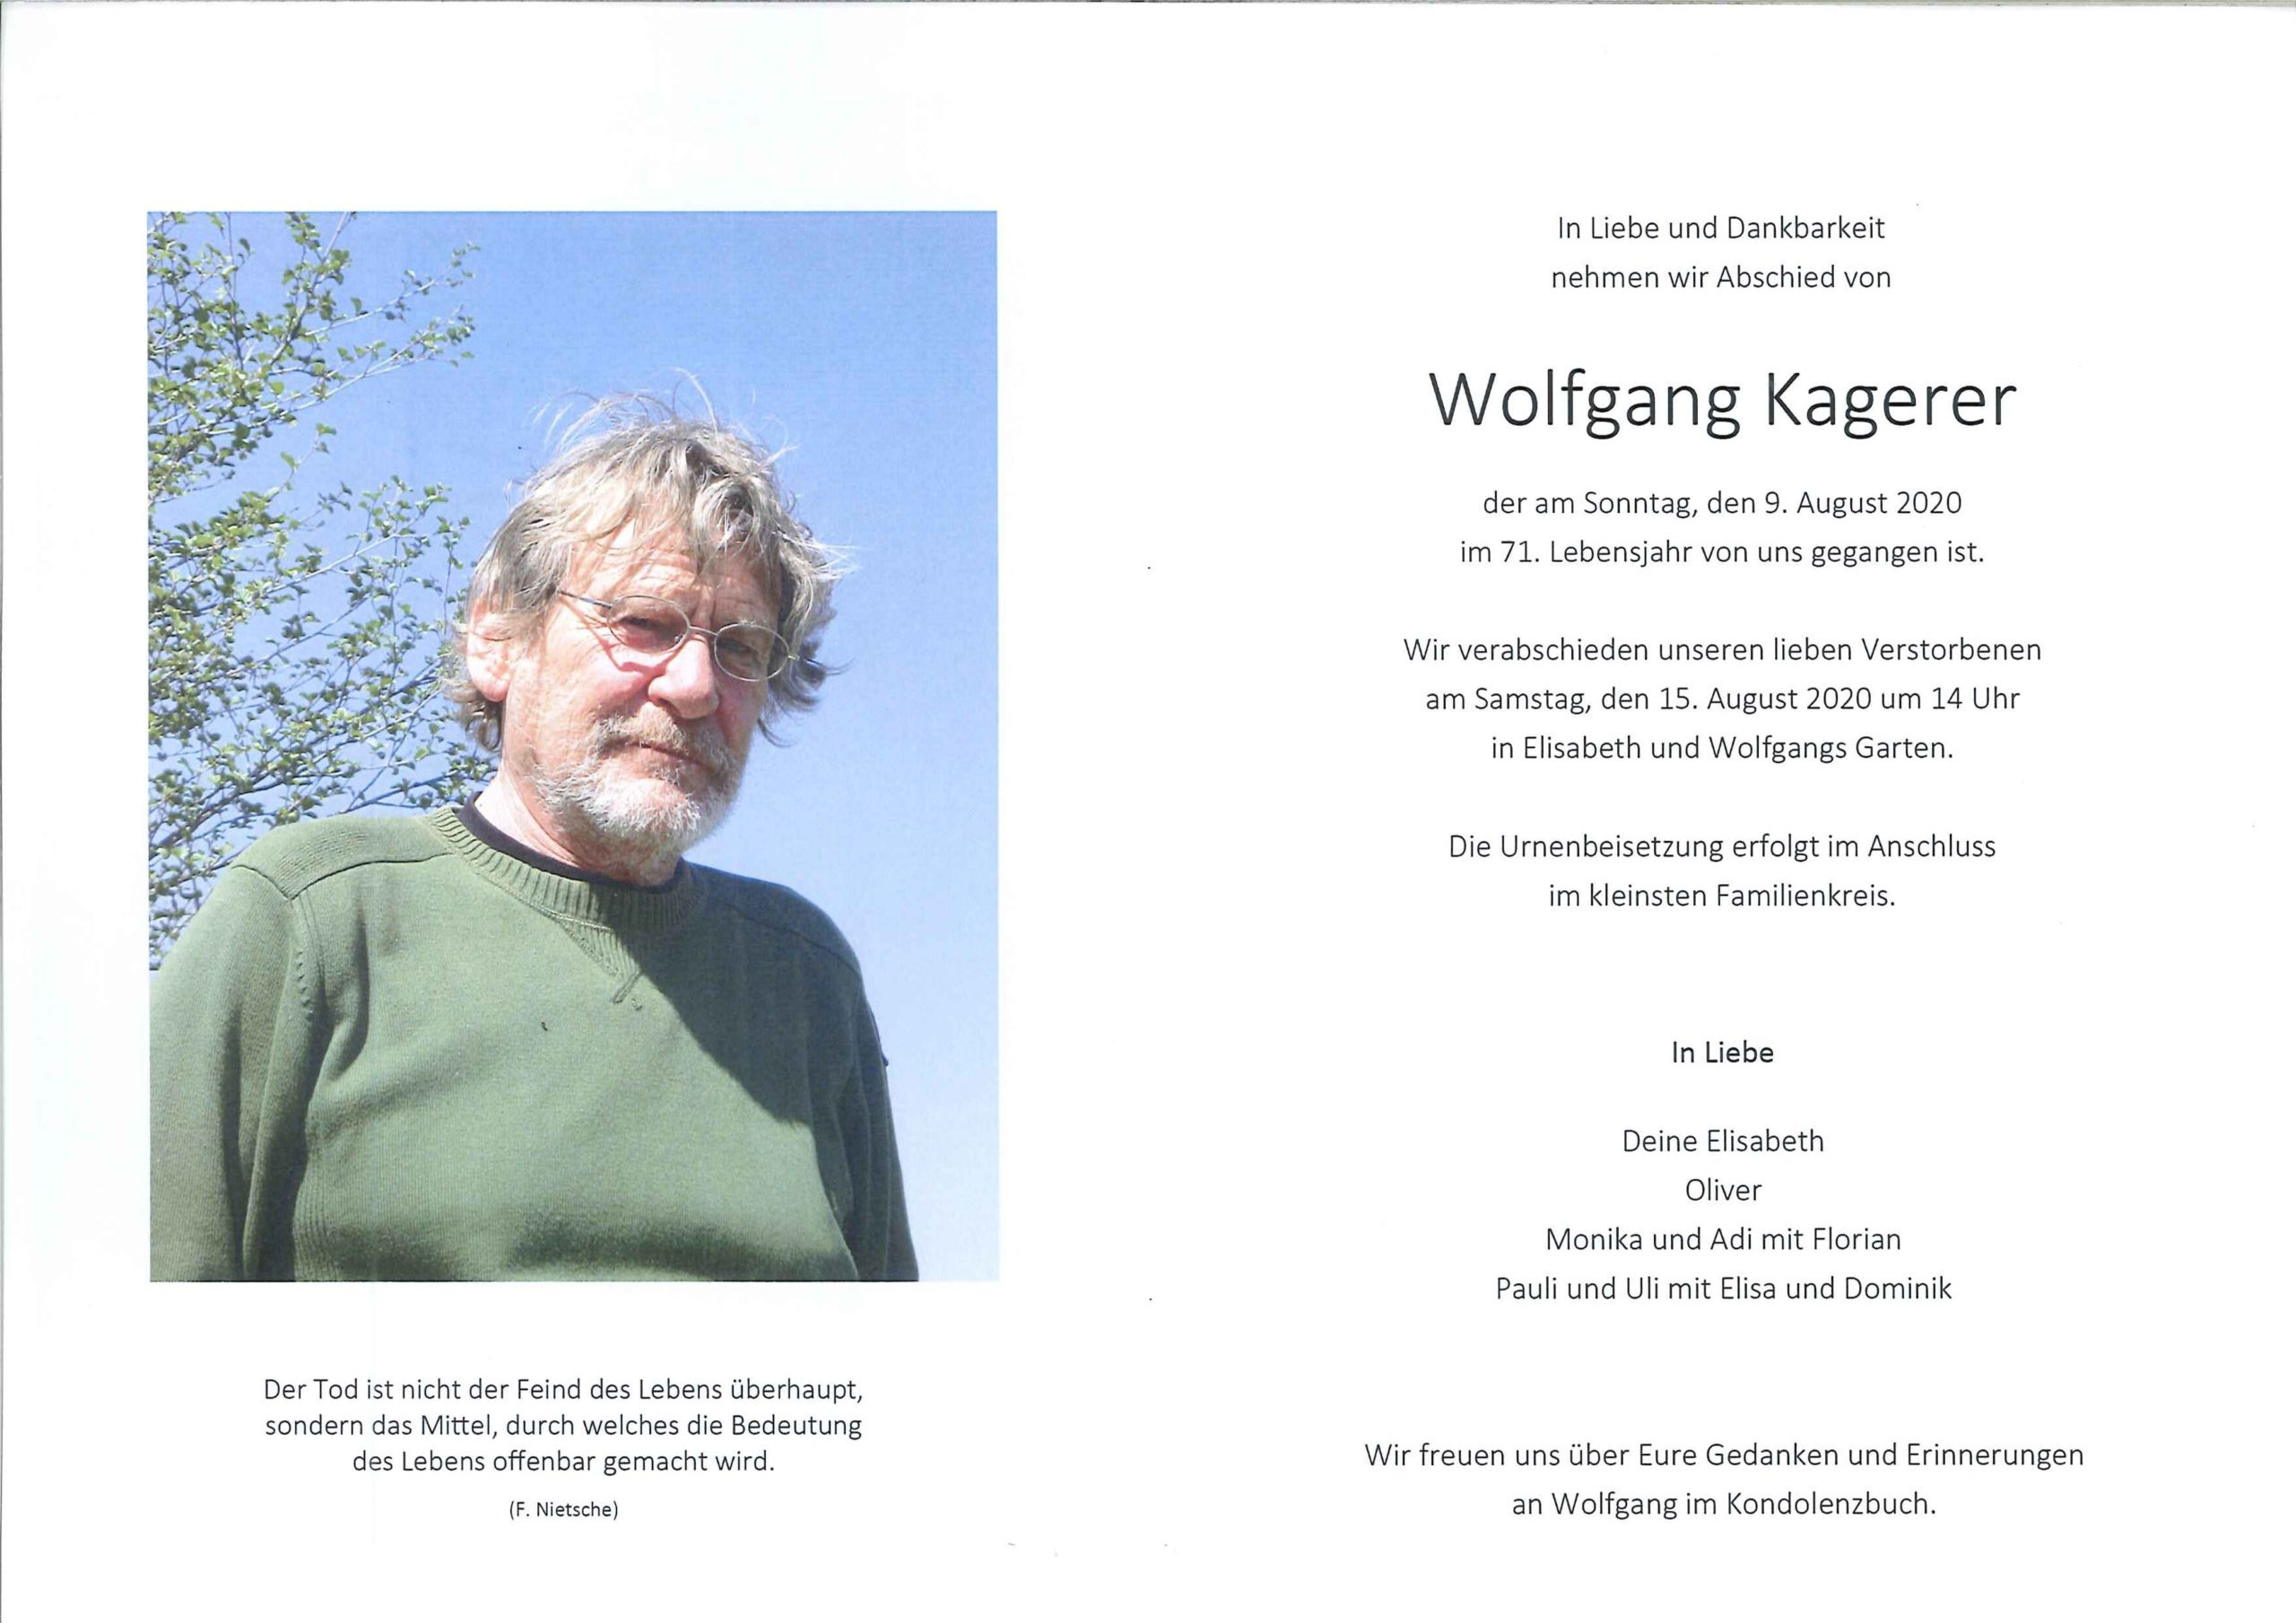 Wolfgang Kagerer